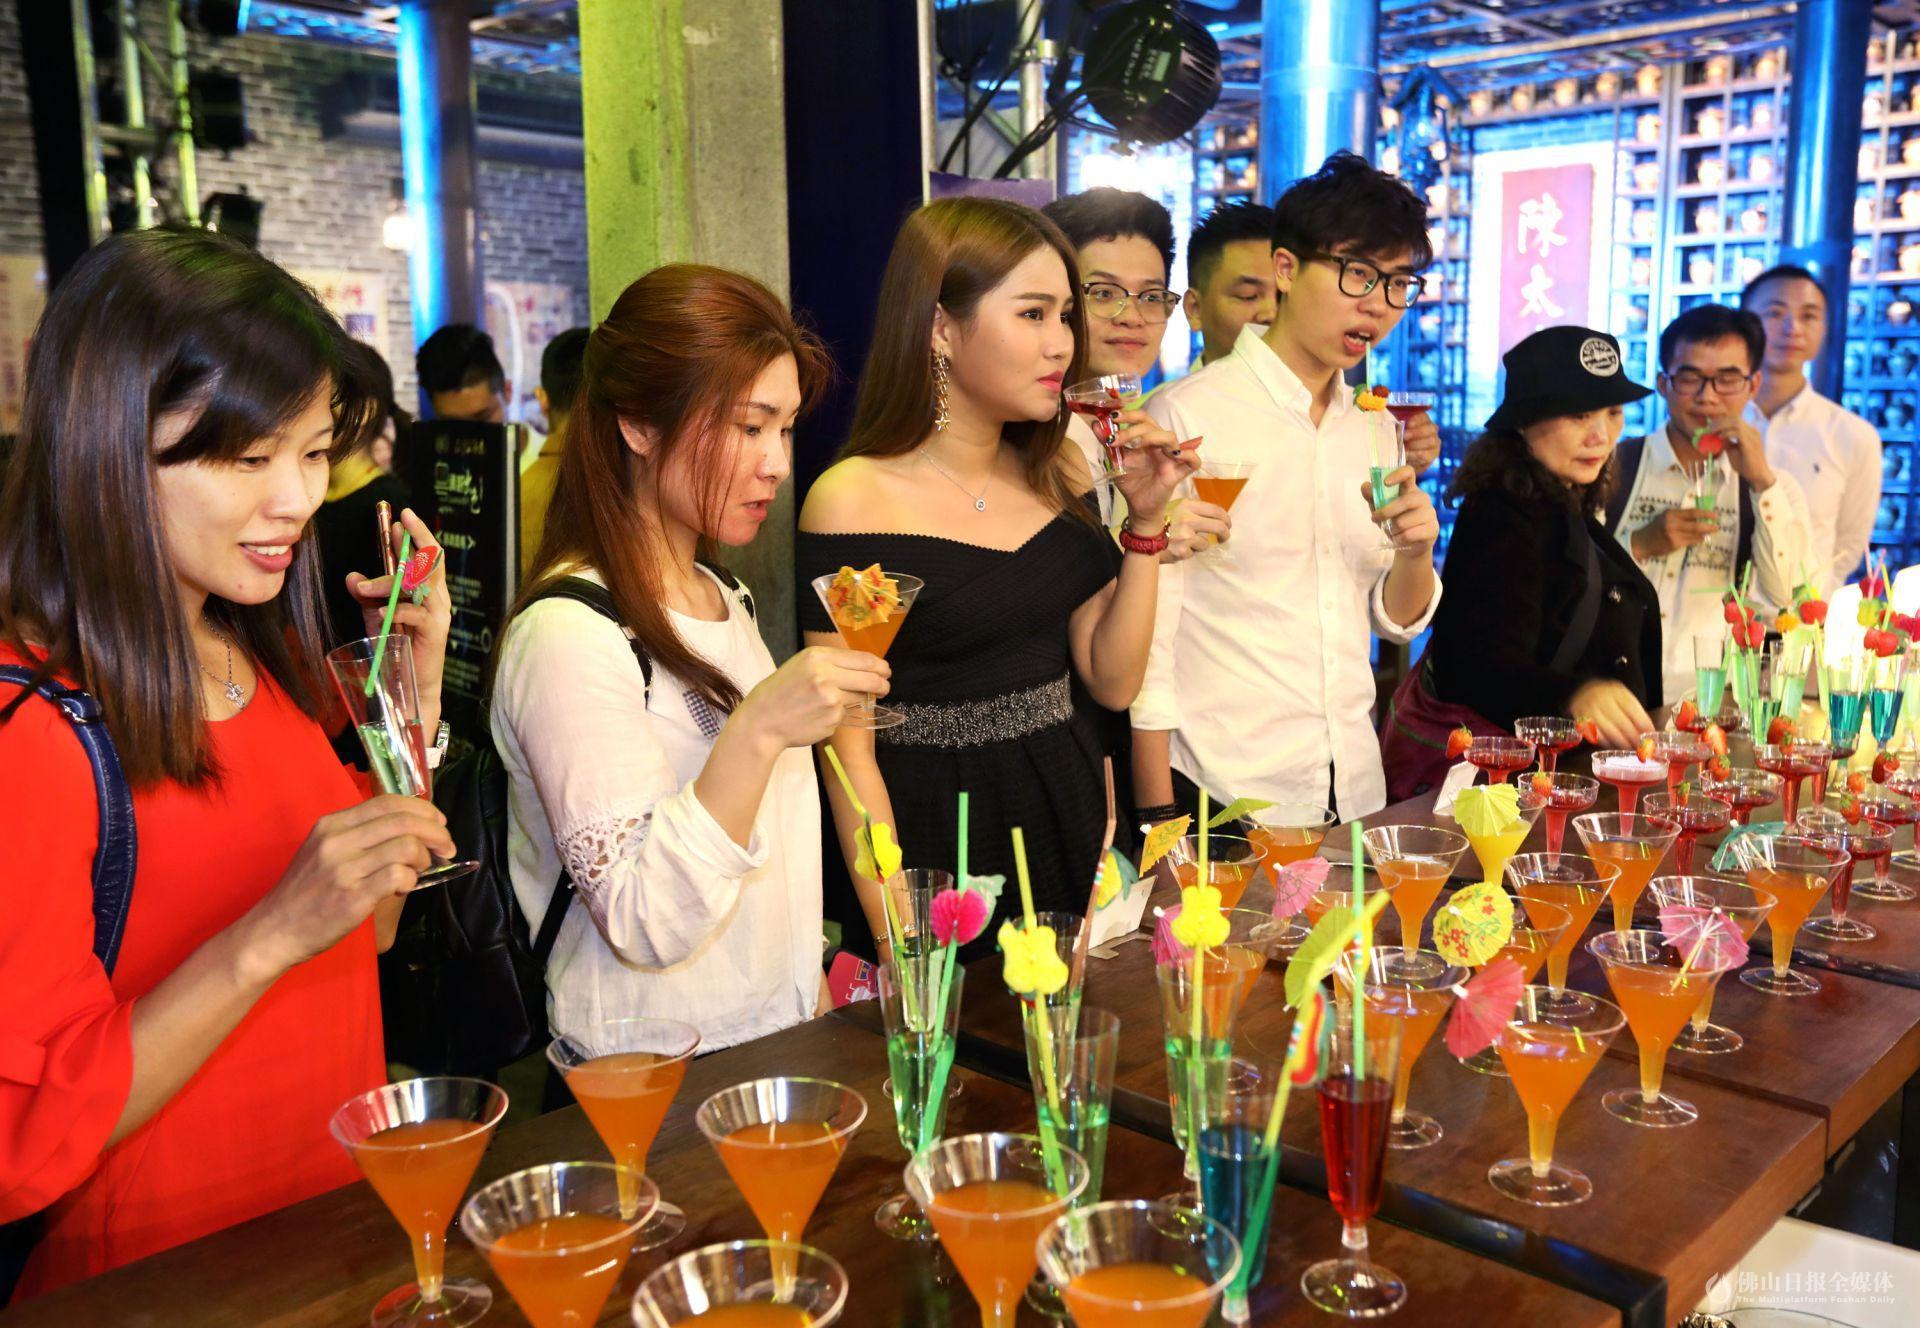 石湾玉冰烧变身鸡尾酒?中西合璧的时尚新口味亮相石湾酒庄